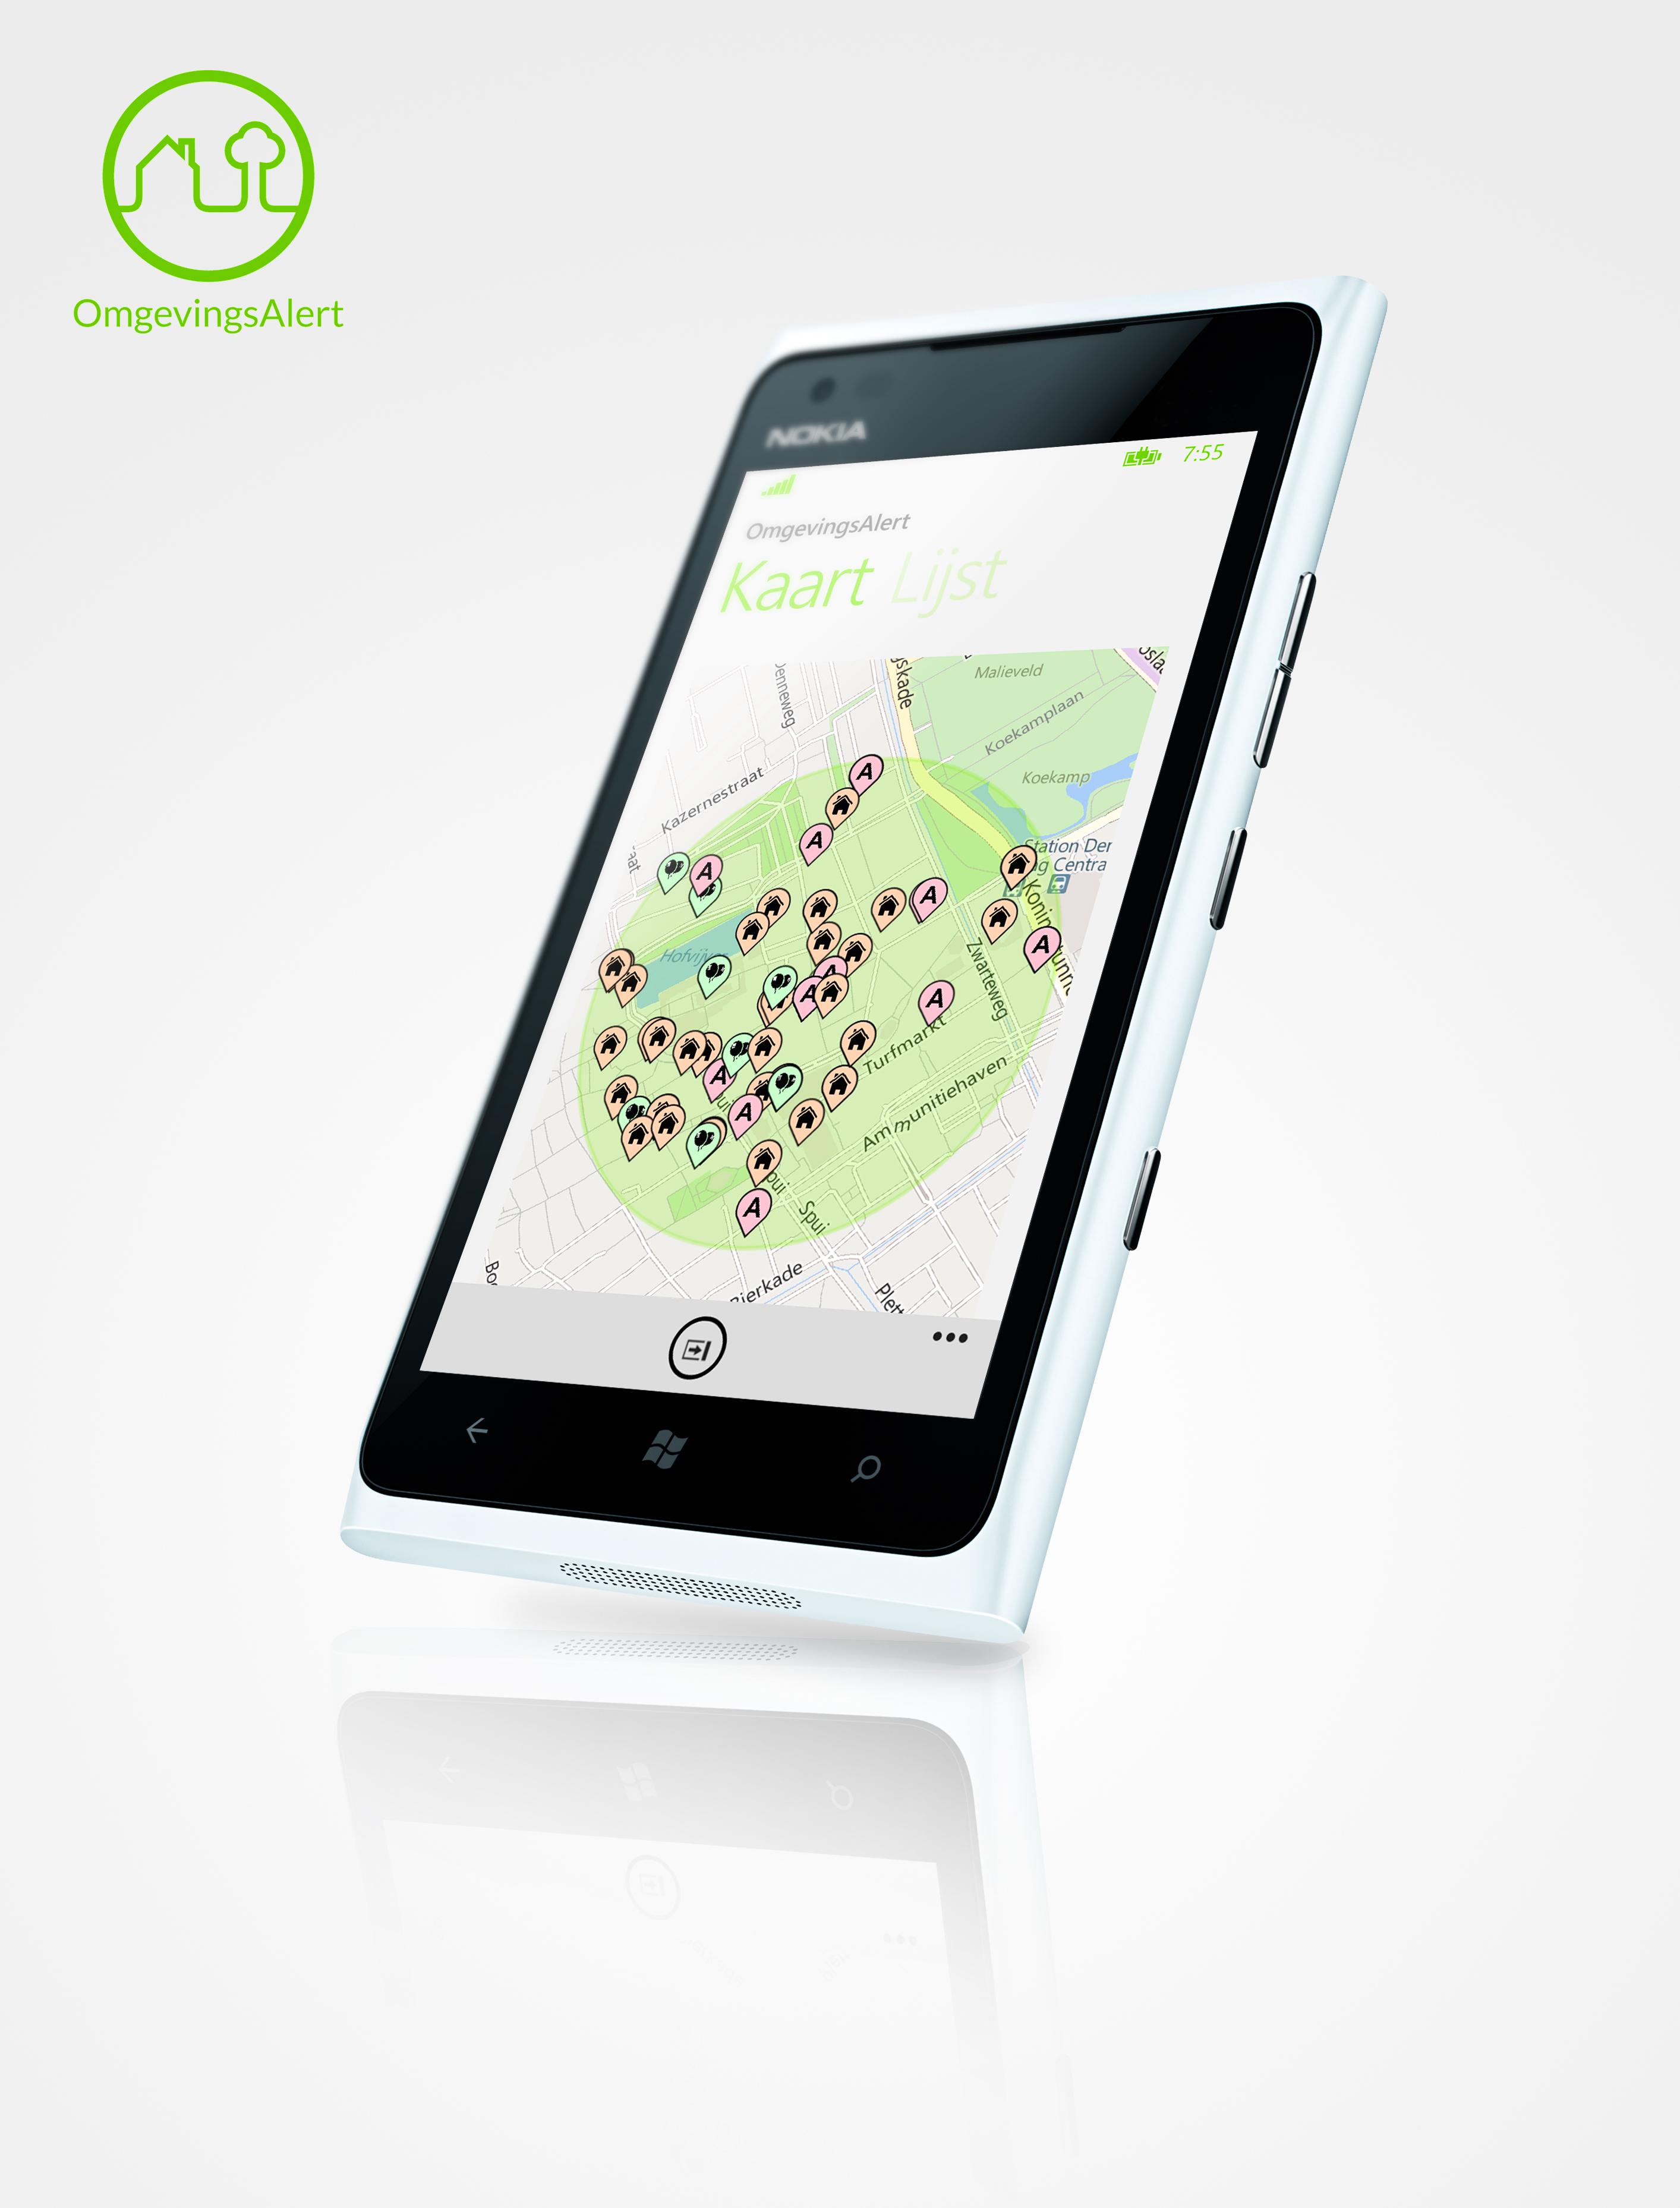 Landelijke app nu ook beschikbaar voor Windows Phone 8.1